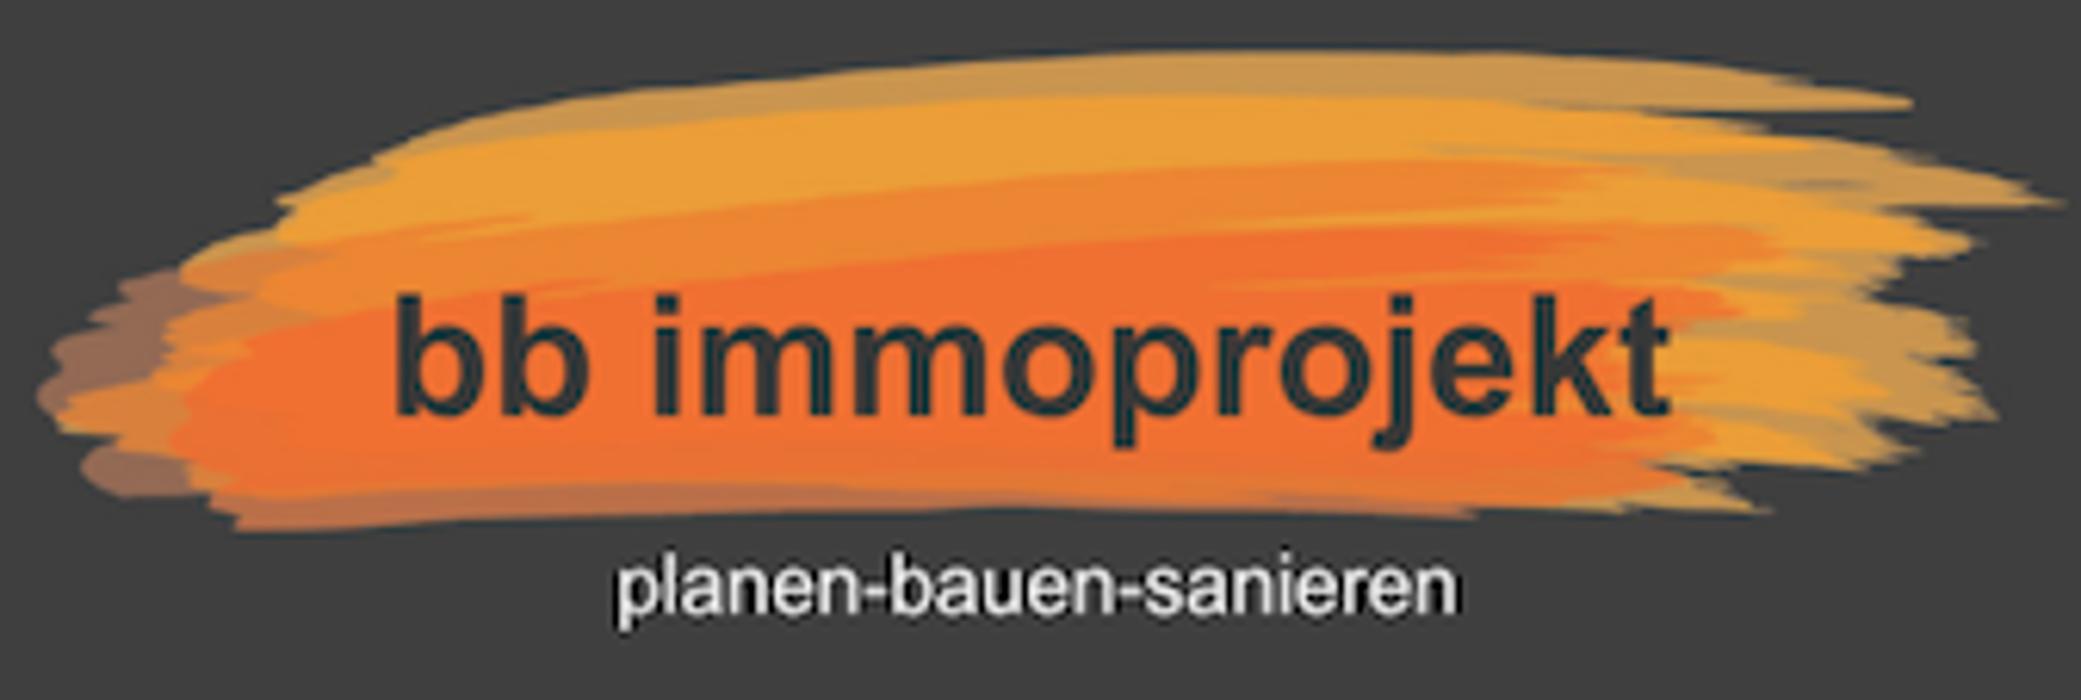 Bild zu bb immoprojekt in Stutensee